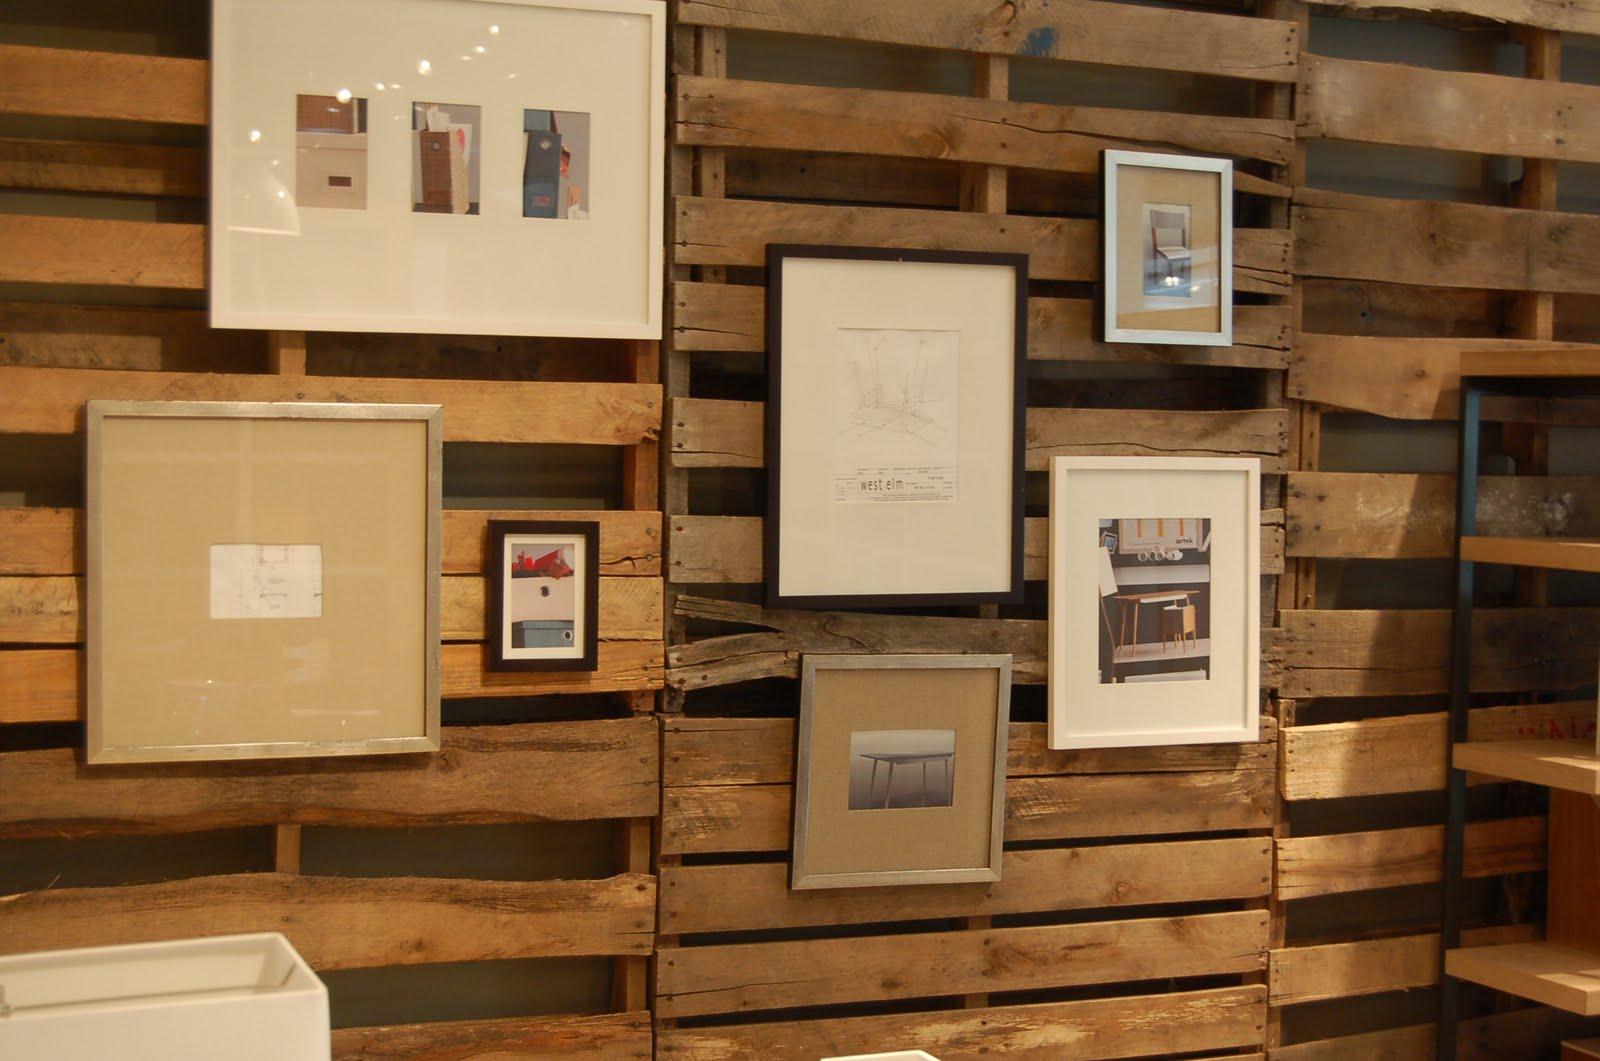 ván gỗ tạo không gian ấm cúng và sang trọng